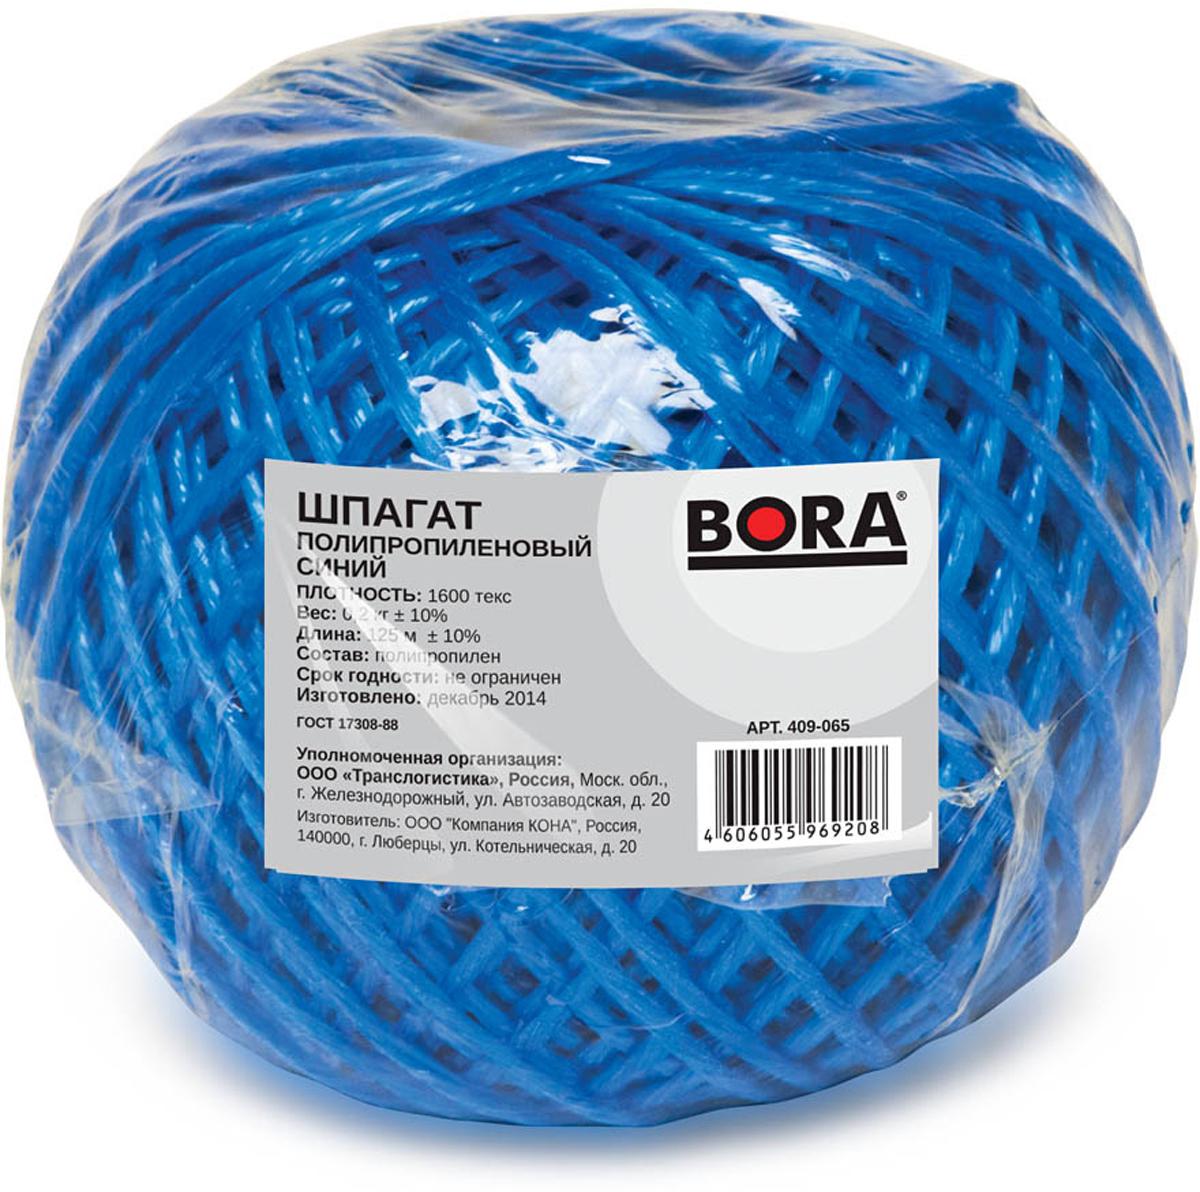 Шпагат Aviora, цвет: синий, 1600 текс, 125 м409-065Шпагат Aviora - это сверхпрочная полипропиленовая веревка общего назначения, которая отличаетсястойкостью к температурному воздействию, гниению и влаге. Отсутствие сердечника обеспечивает минимальноеотносительное удлинение под нагрузкой. Универсальный упаковочно-обвязочный материал.